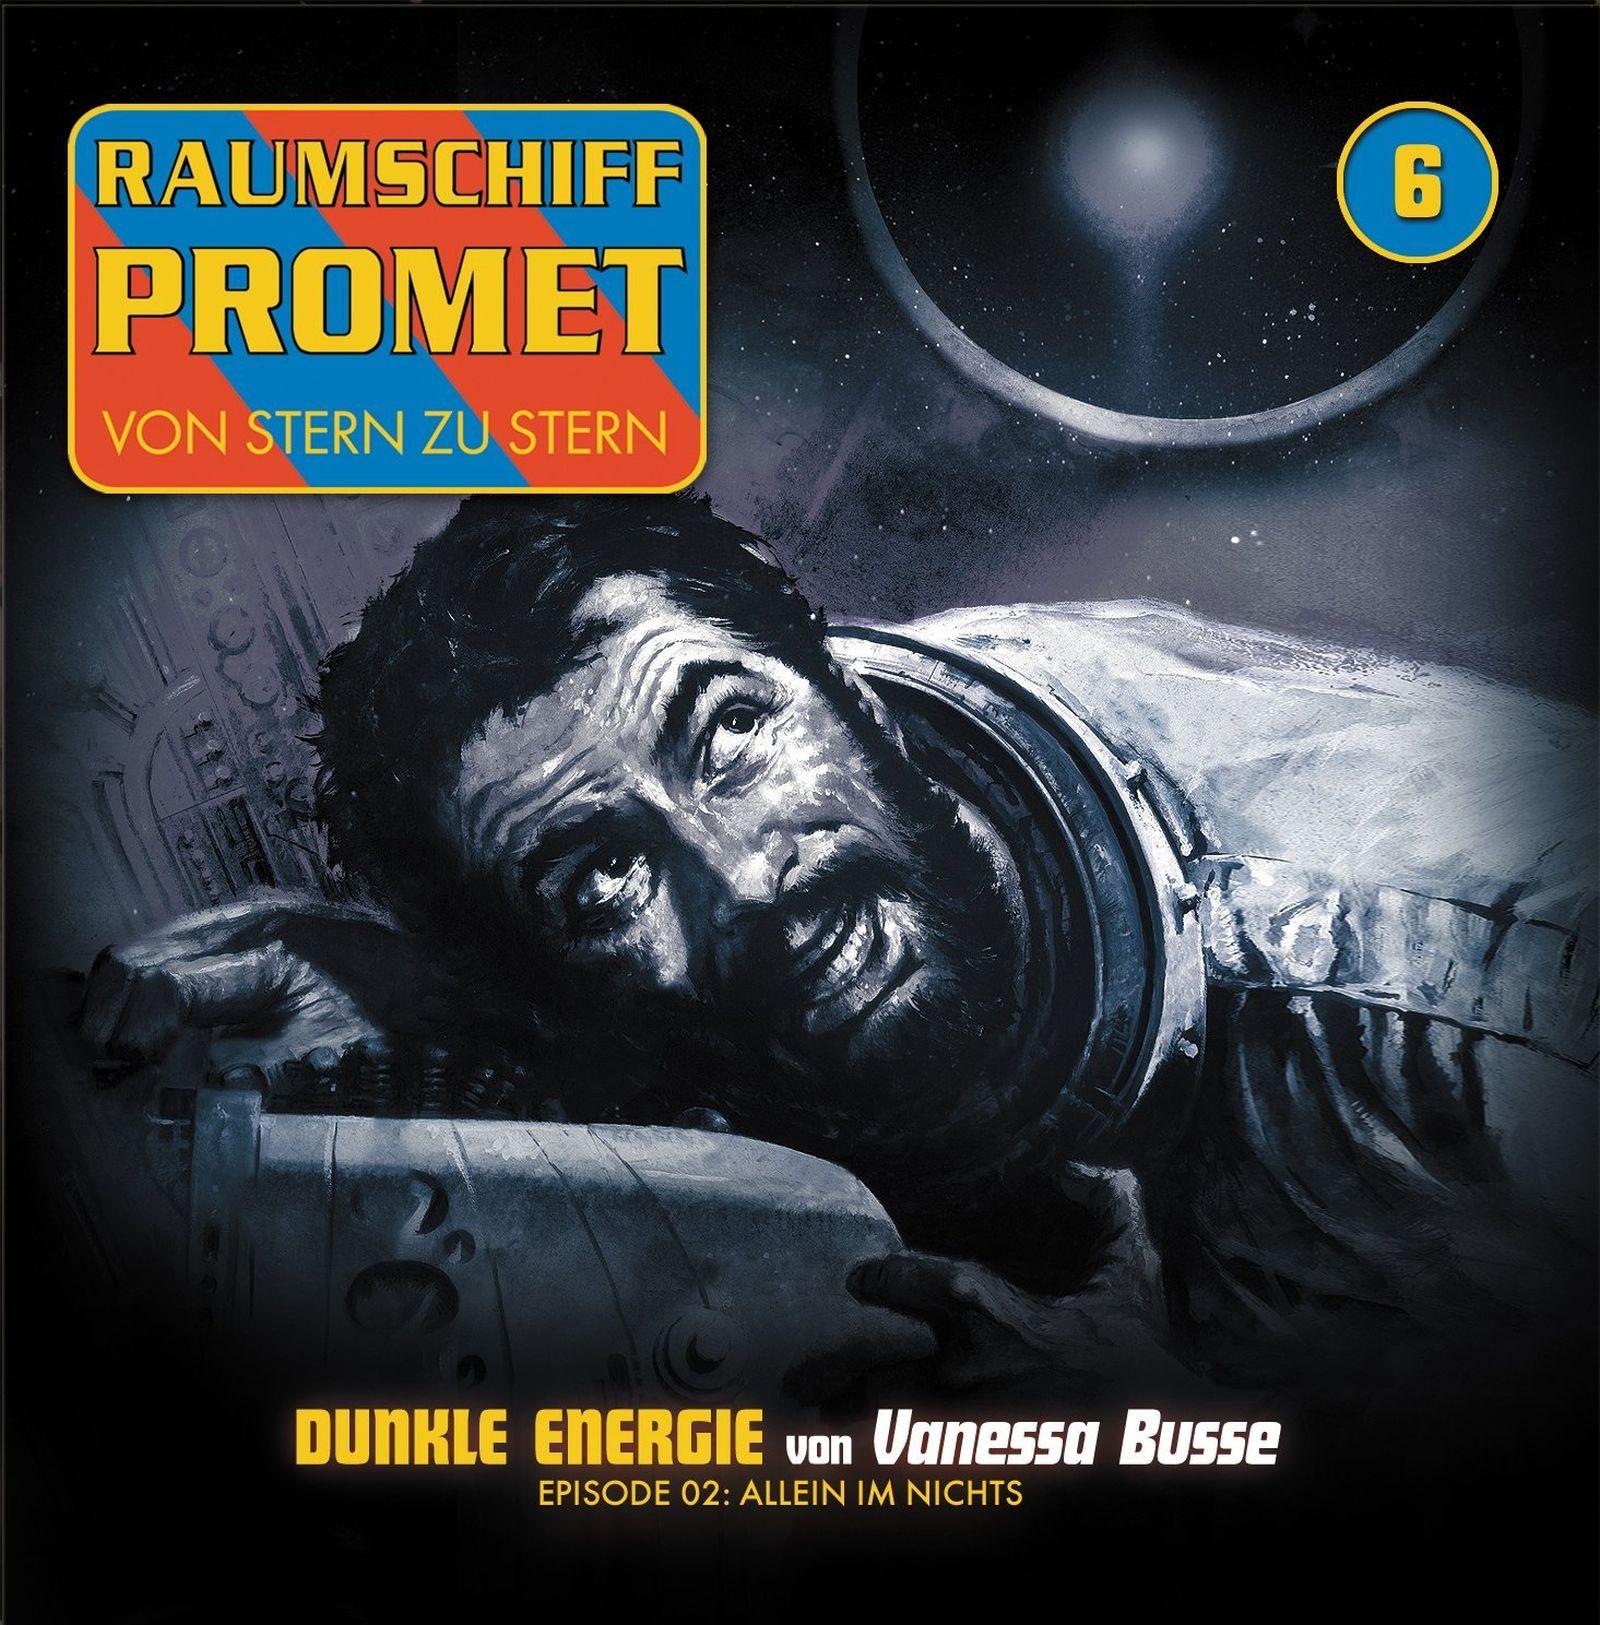 Raumschiff Promet 6 - Dunkle Energie - Episode 2: Allein im Nichts